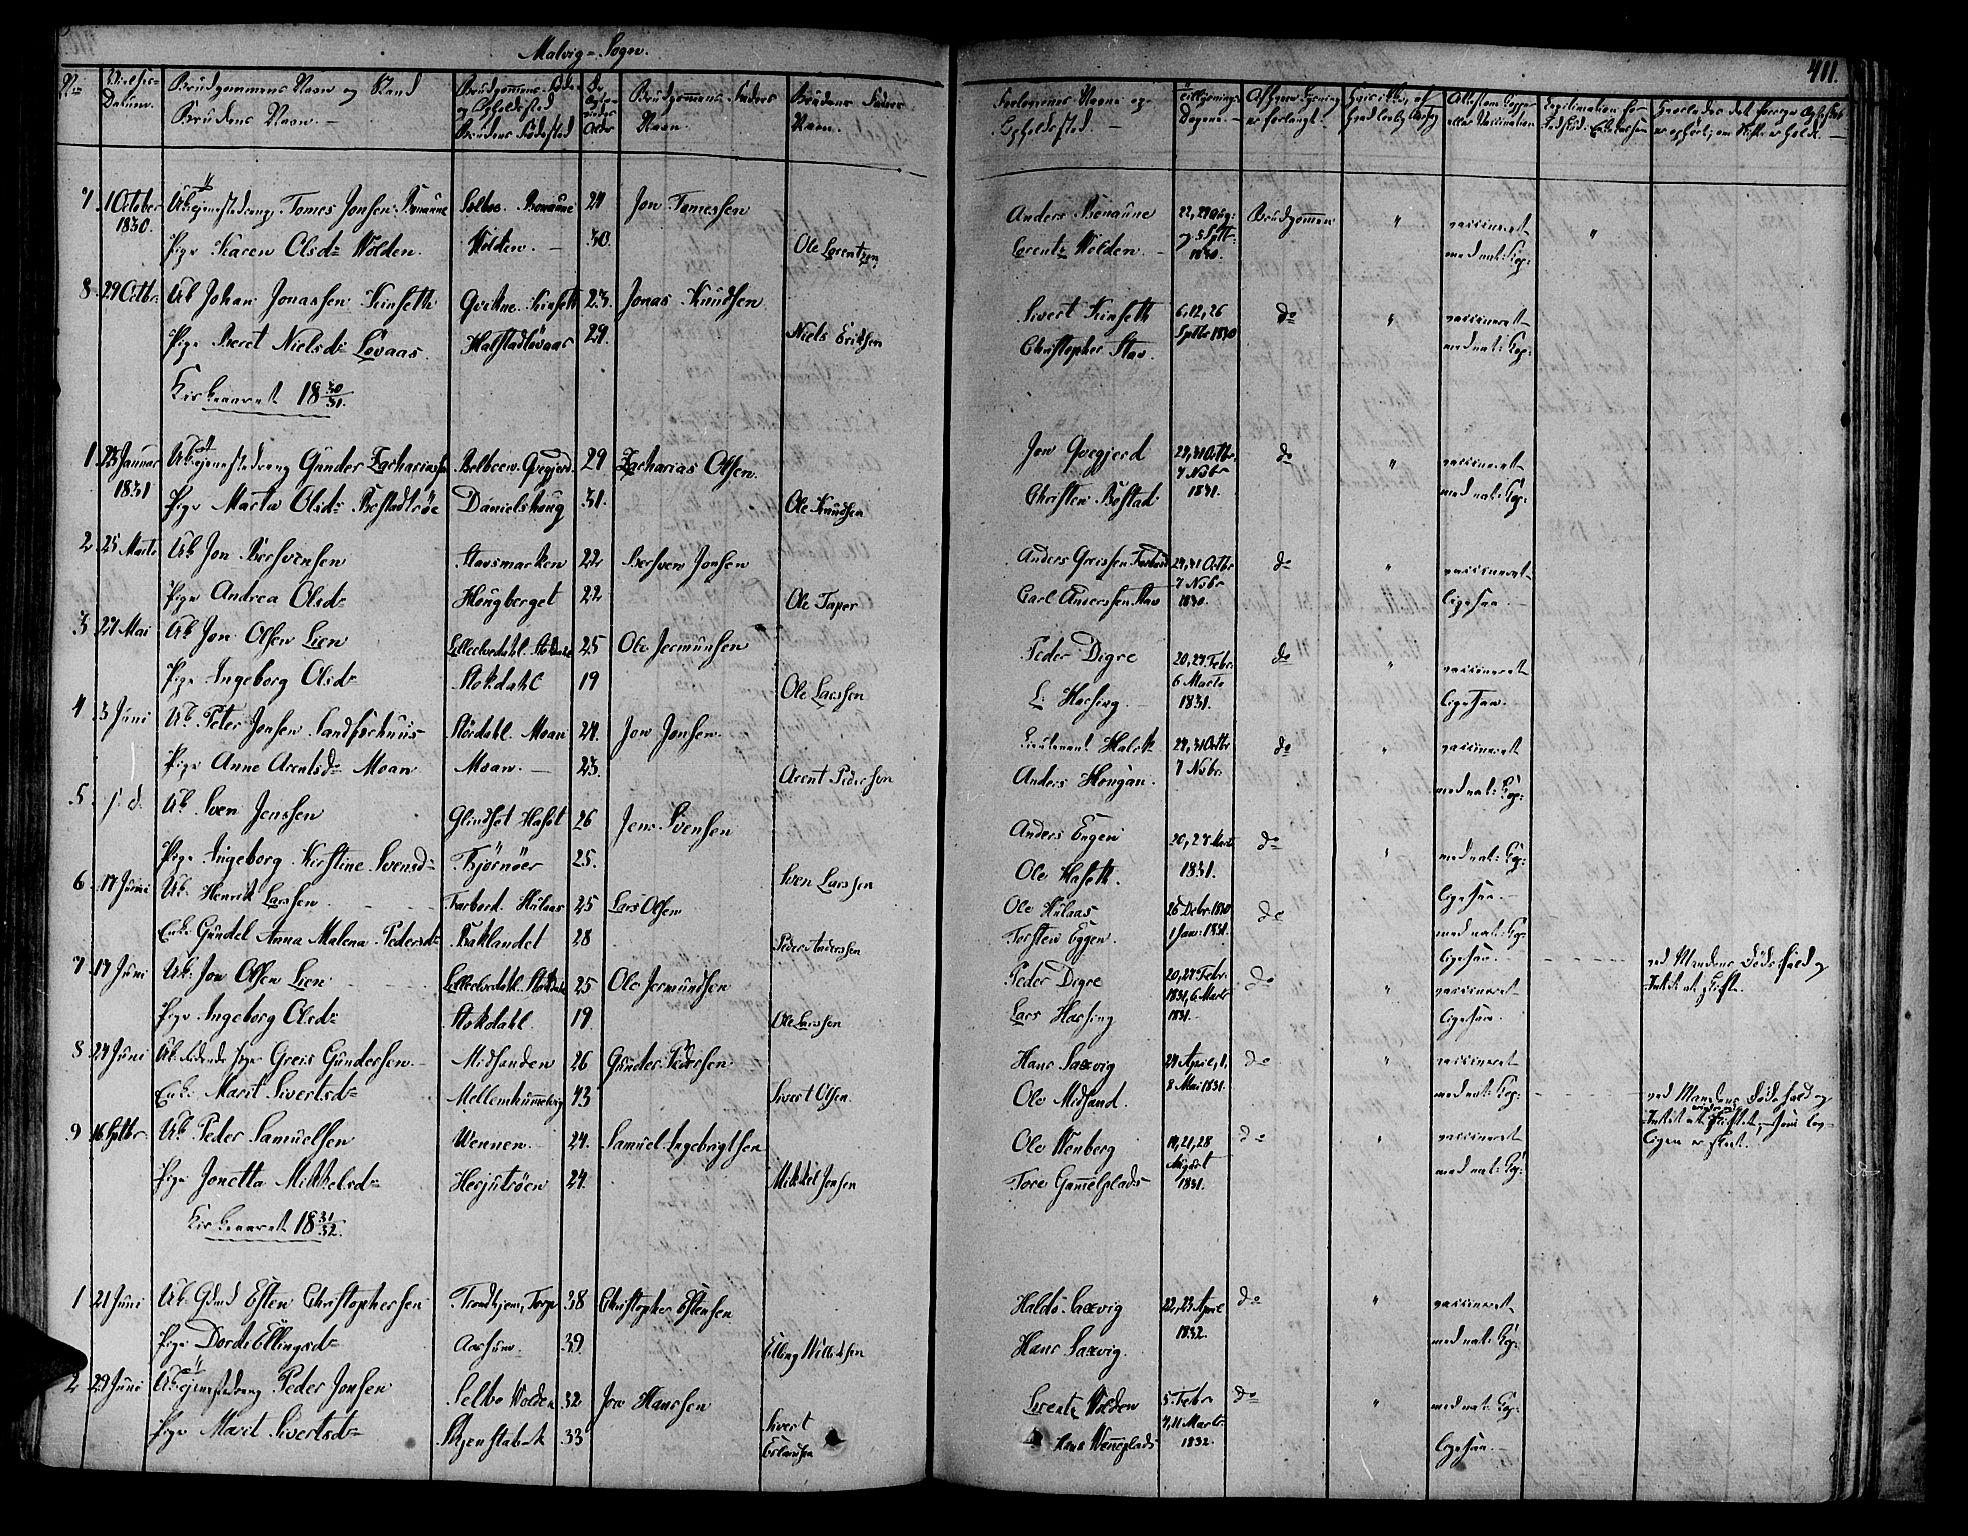 SAT, Ministerialprotokoller, klokkerbøker og fødselsregistre - Sør-Trøndelag, 606/L0288: Ministerialbok nr. 606A04 /3, 1826-1840, s. 411